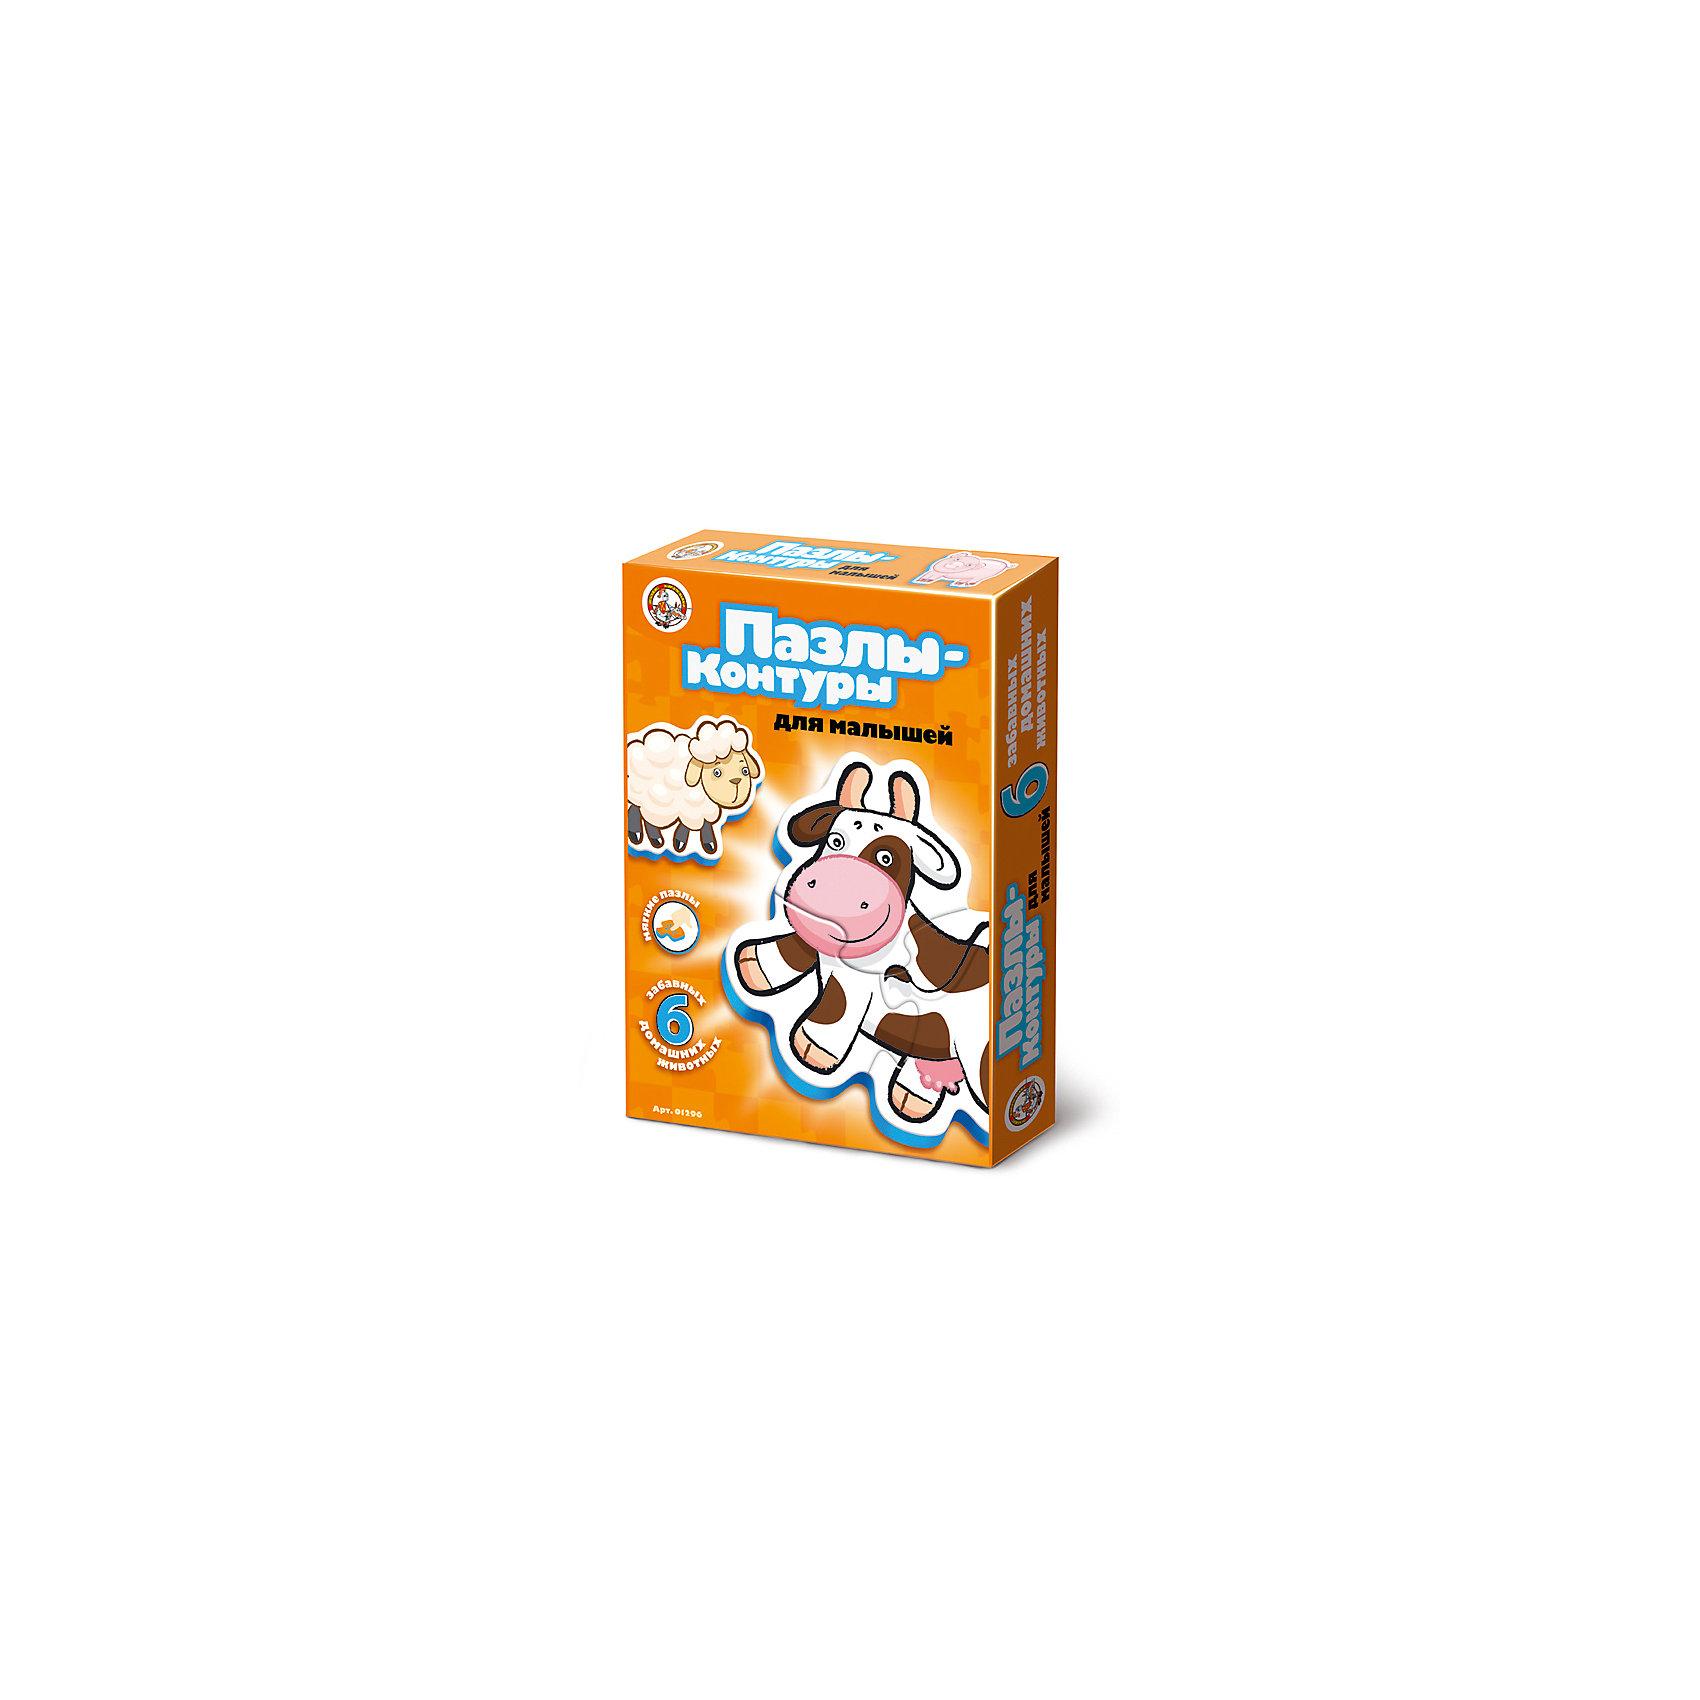 Пазлы-контуры Домашние животные, Десятое королевствоПазлы для малышей<br>Характеристики:<br><br>• возраст: от 2 лет<br>• количество деталей: 16<br>• материалы: вспененный полимер, картон<br>• упаковка: картонная коробка<br>• размер упаковки: 27,5х20х4 см.<br>• вес: 138 гр.<br><br>Пазлы-контуры, выполненные из экологически чистых материалов, разработаны для самых маленьких. Из крупных мягких деталей пазла ребенок соберет 6 фигурок животных: цыпленка и свинью из двух частей, щенка, корову, кота и овечку из трех. <br><br>Элементы пазла плотно и надежно фиксируются между собой, что позволит малышу играть готовыми фигурками. Собирая пазл, ребенок научится сопоставлять часть и целое, концентрировать внимание и доводить начатое дело до конца.<br><br>Пазлы-контуры Домашние животные, Десятое королевство можно купить в нашем интернет-магазине.<br><br>Ширина мм: 280<br>Глубина мм: 195<br>Высота мм: 20<br>Вес г: 158<br>Возраст от месяцев: 24<br>Возраст до месяцев: 2147483647<br>Пол: Унисекс<br>Возраст: Детский<br>SKU: 6723906